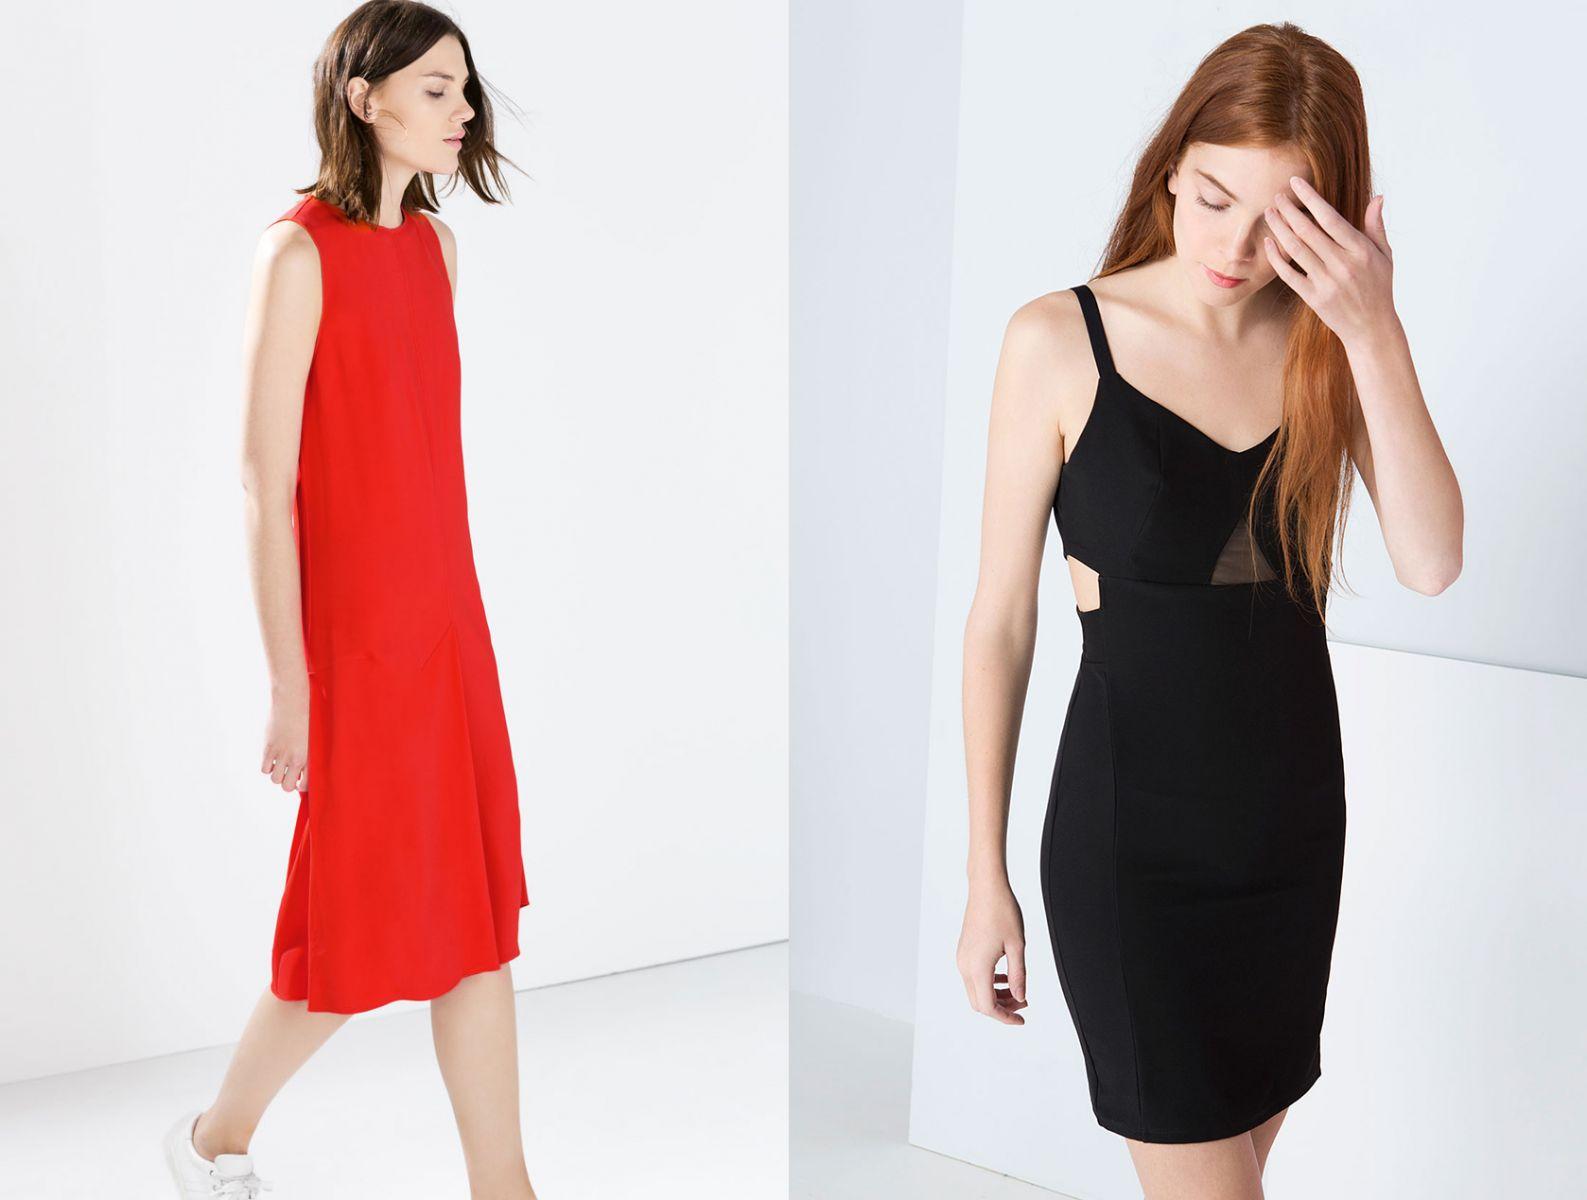 Как сэкономить: 15 платьев не дороже 1000 гривен - фото №1